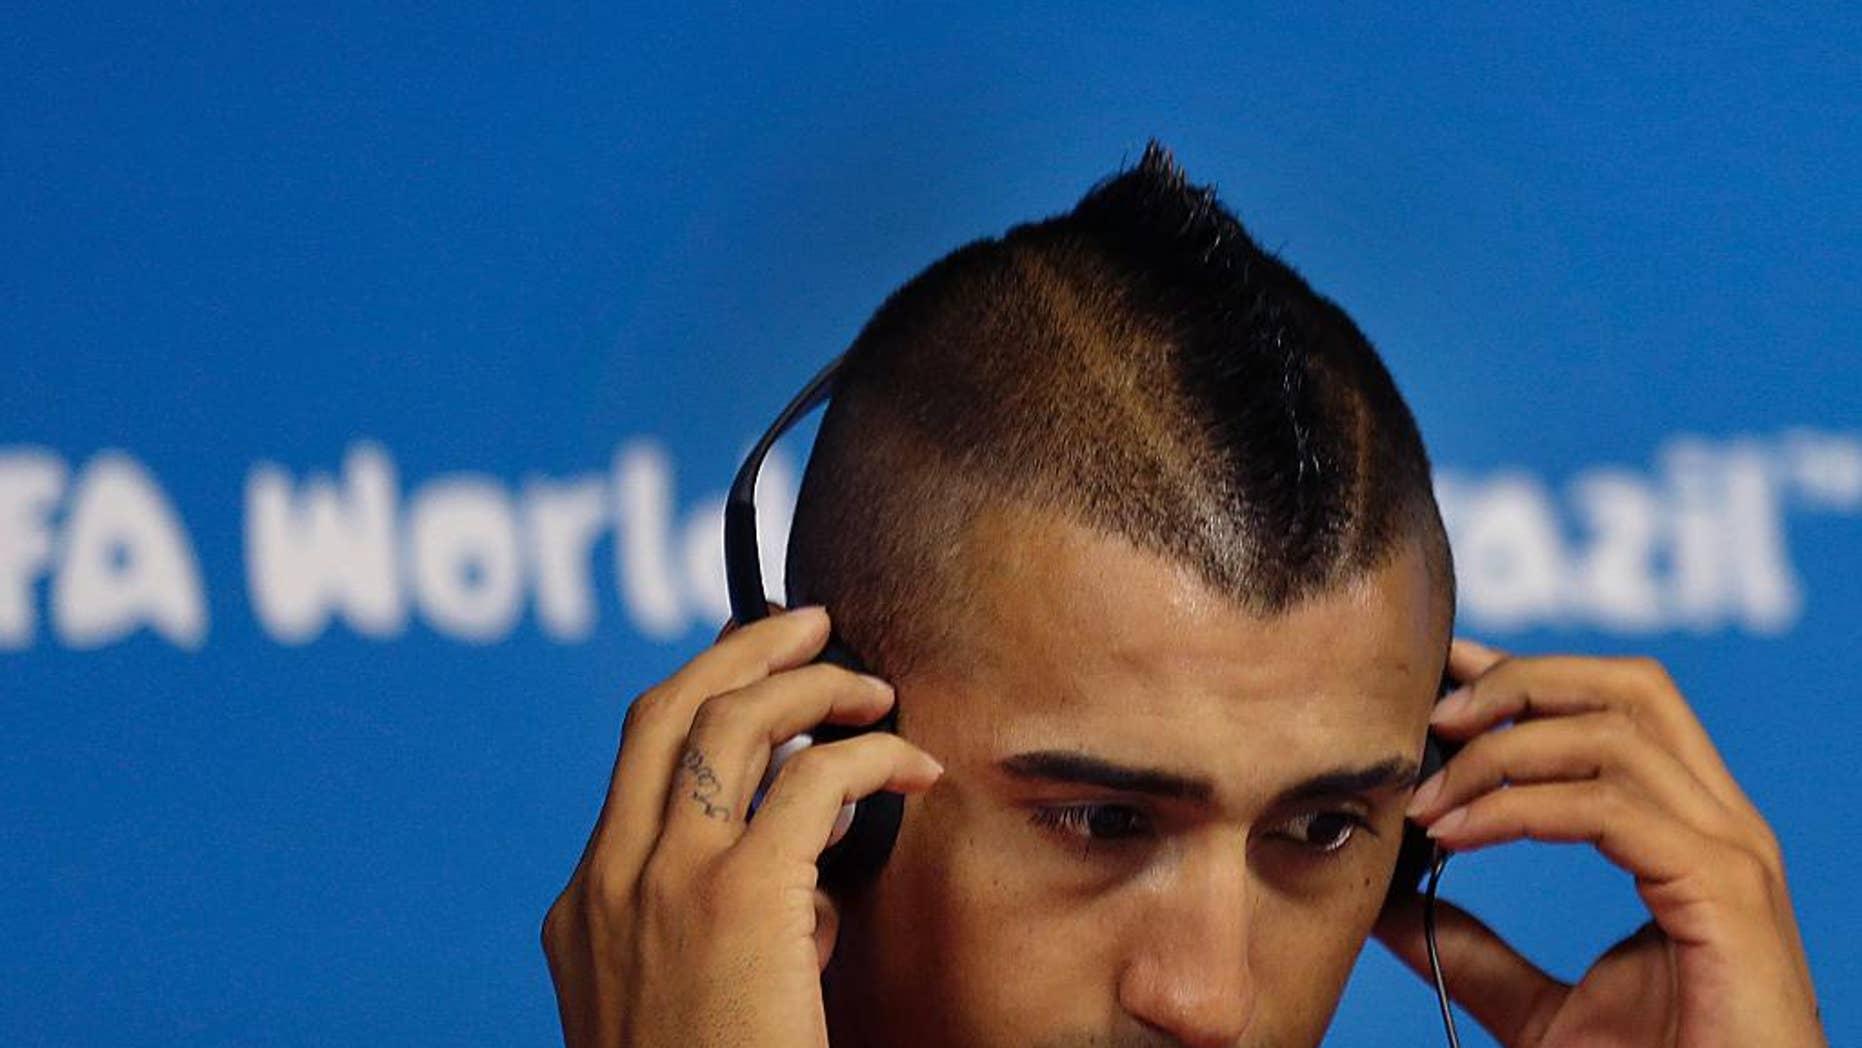 El jugador de Chile, Arturo Vidal, se ajusta los audífonos en una conferencia de prensa el domingo, 22 de junio de 2014, en Sao Paulo, Brasil.  (AP Photo/Wong Maye-E)